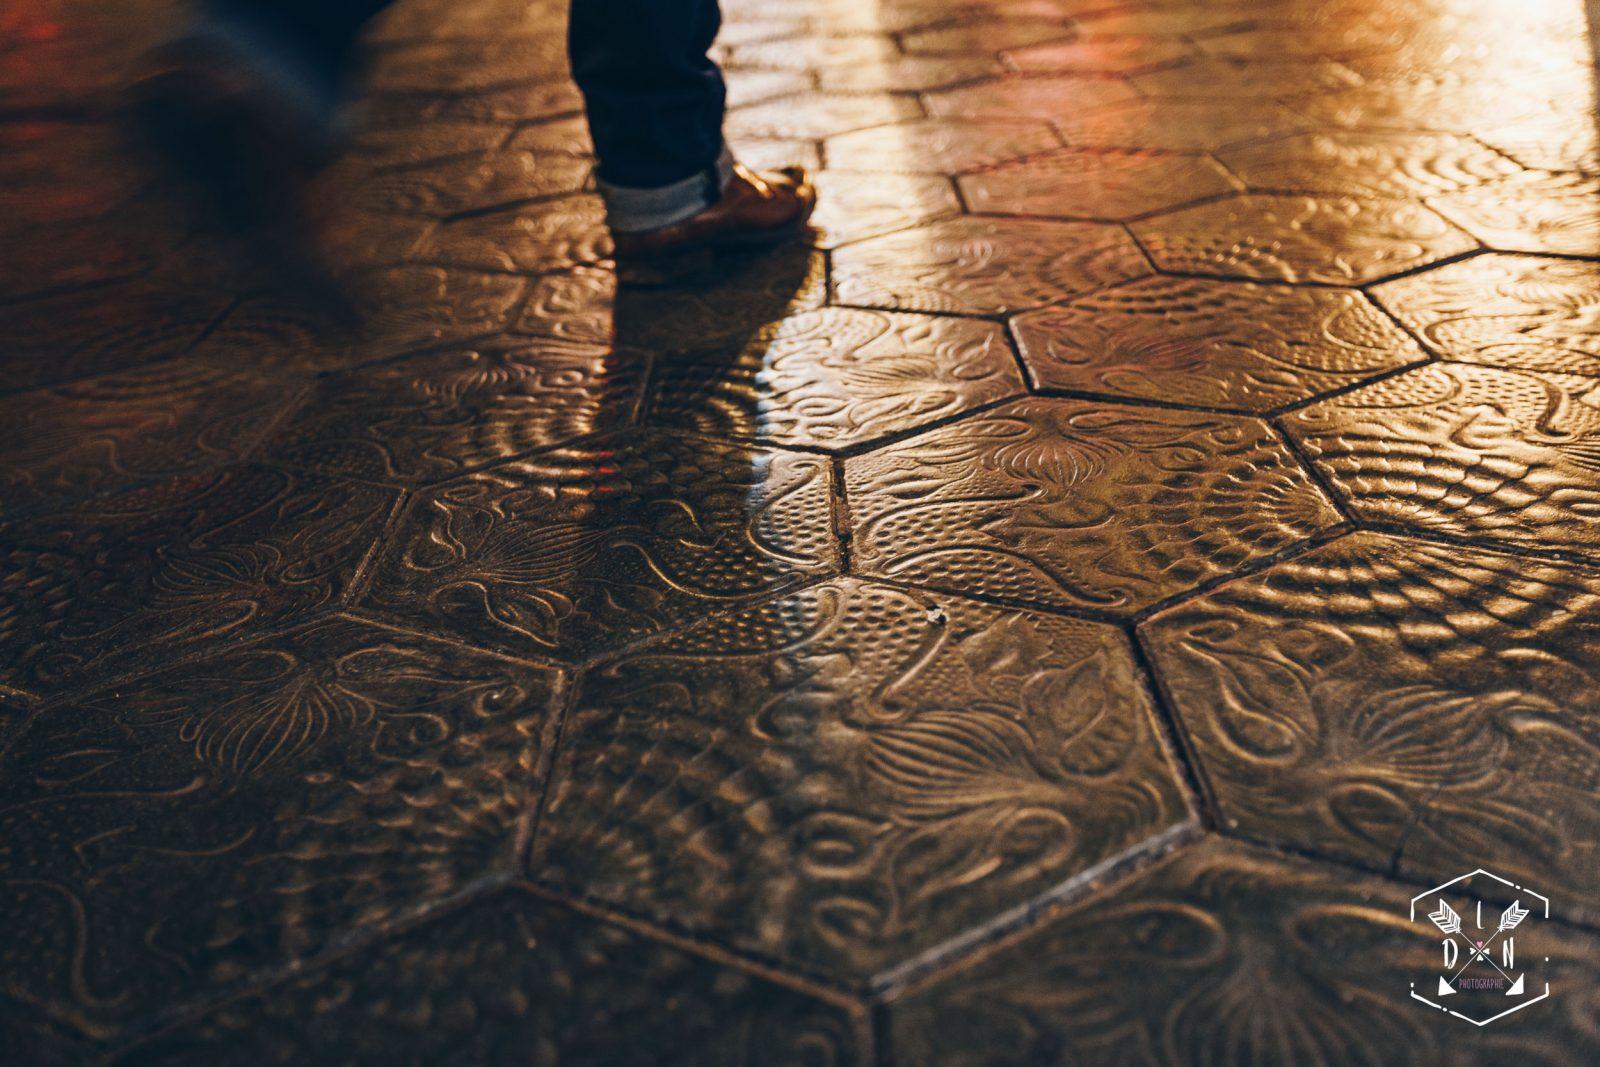 Citytrip Barcelona, photo Espagne, ville de Barcelone, travel blog, blogueuse voyage, L'oeil de Noémie photographe lifestyle urban style à Barcelone en Espagne